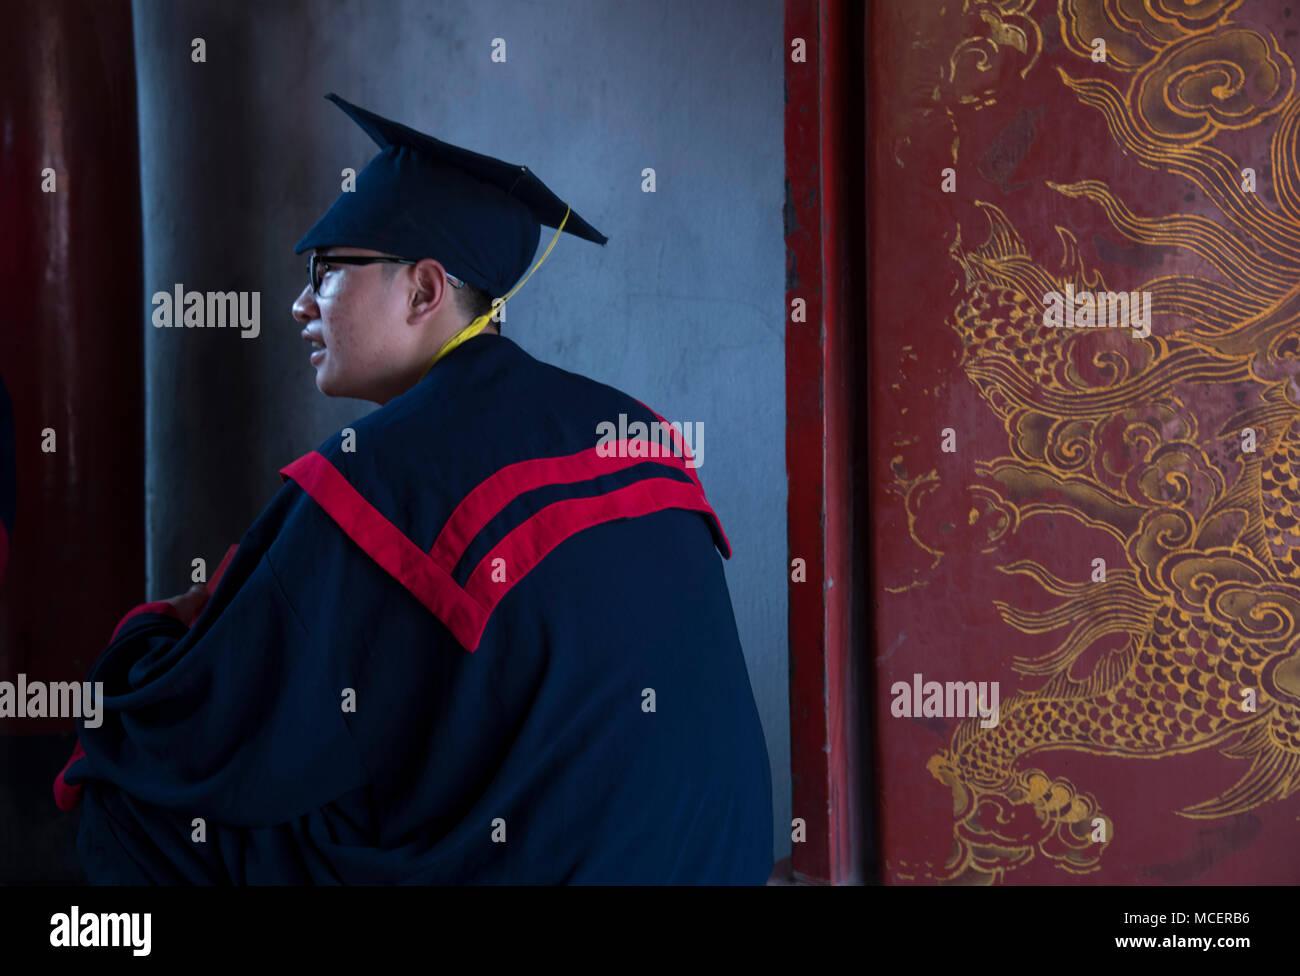 26f1362e3 Un niño vestido con una túnica con rayas rojas para la ceremonia de su  graduación en